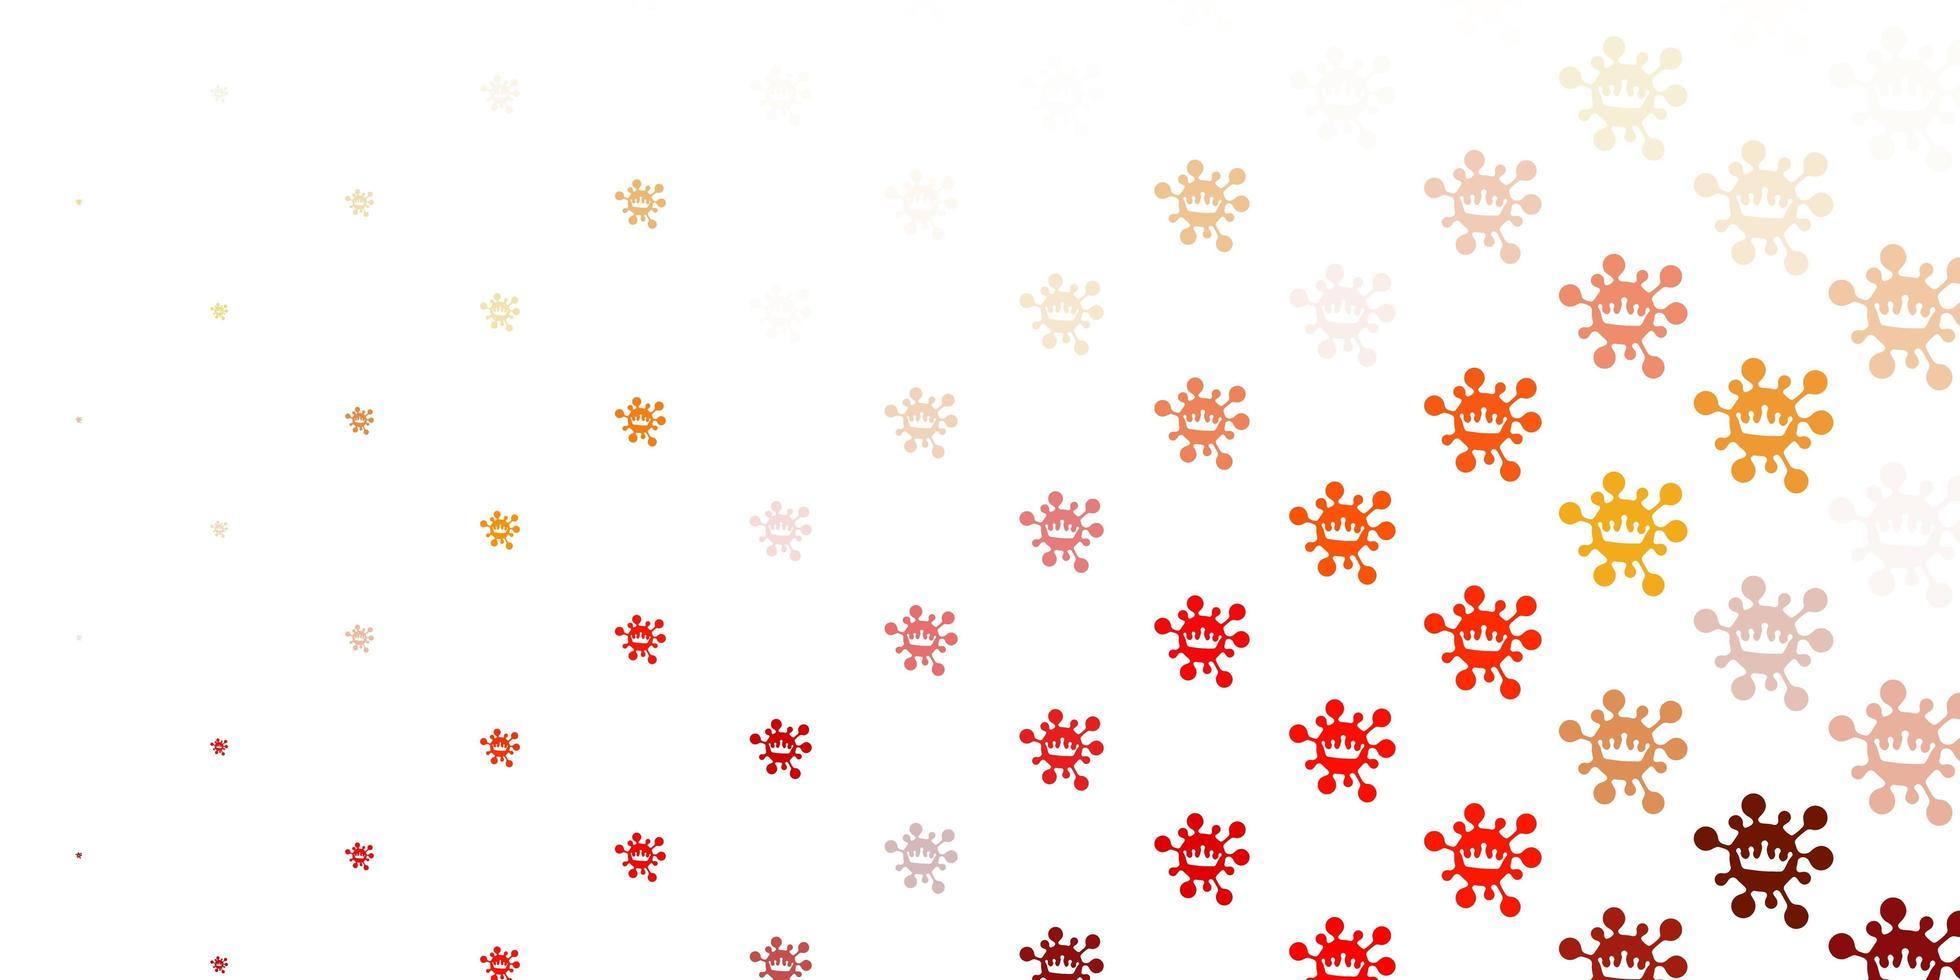 lichtoranje vector achtergrond met covid-19 symbolen.